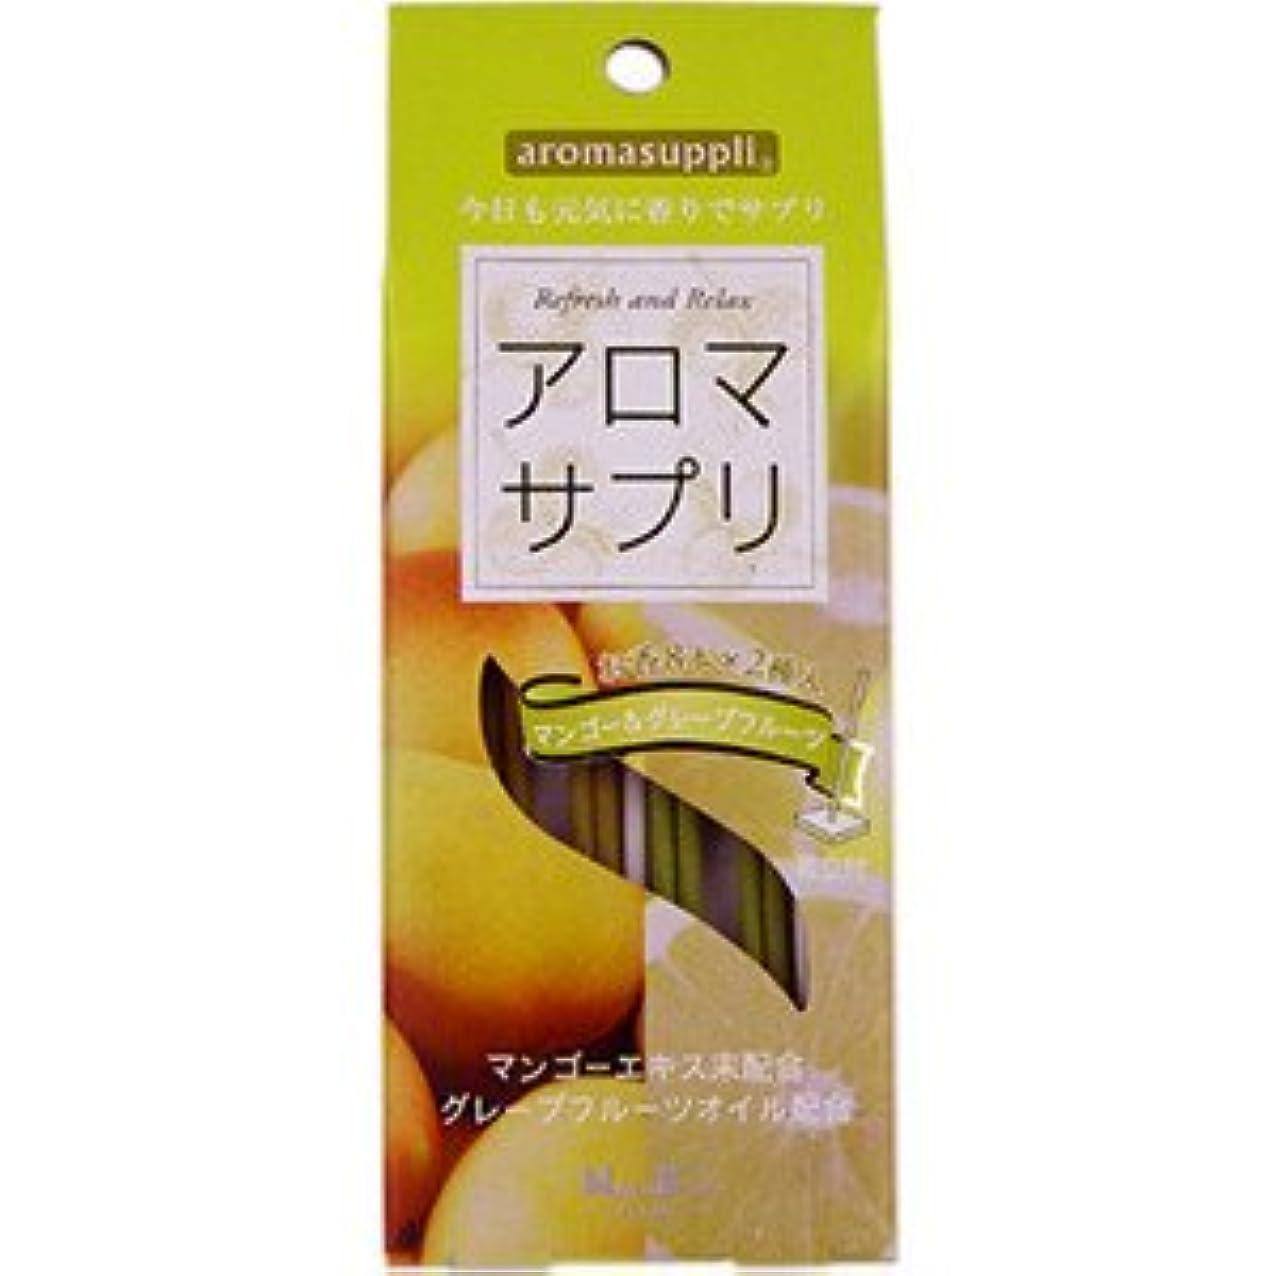 価値のないオーディション田舎日本香堂 アロマサプリ マンゴー&グレープフルーツ